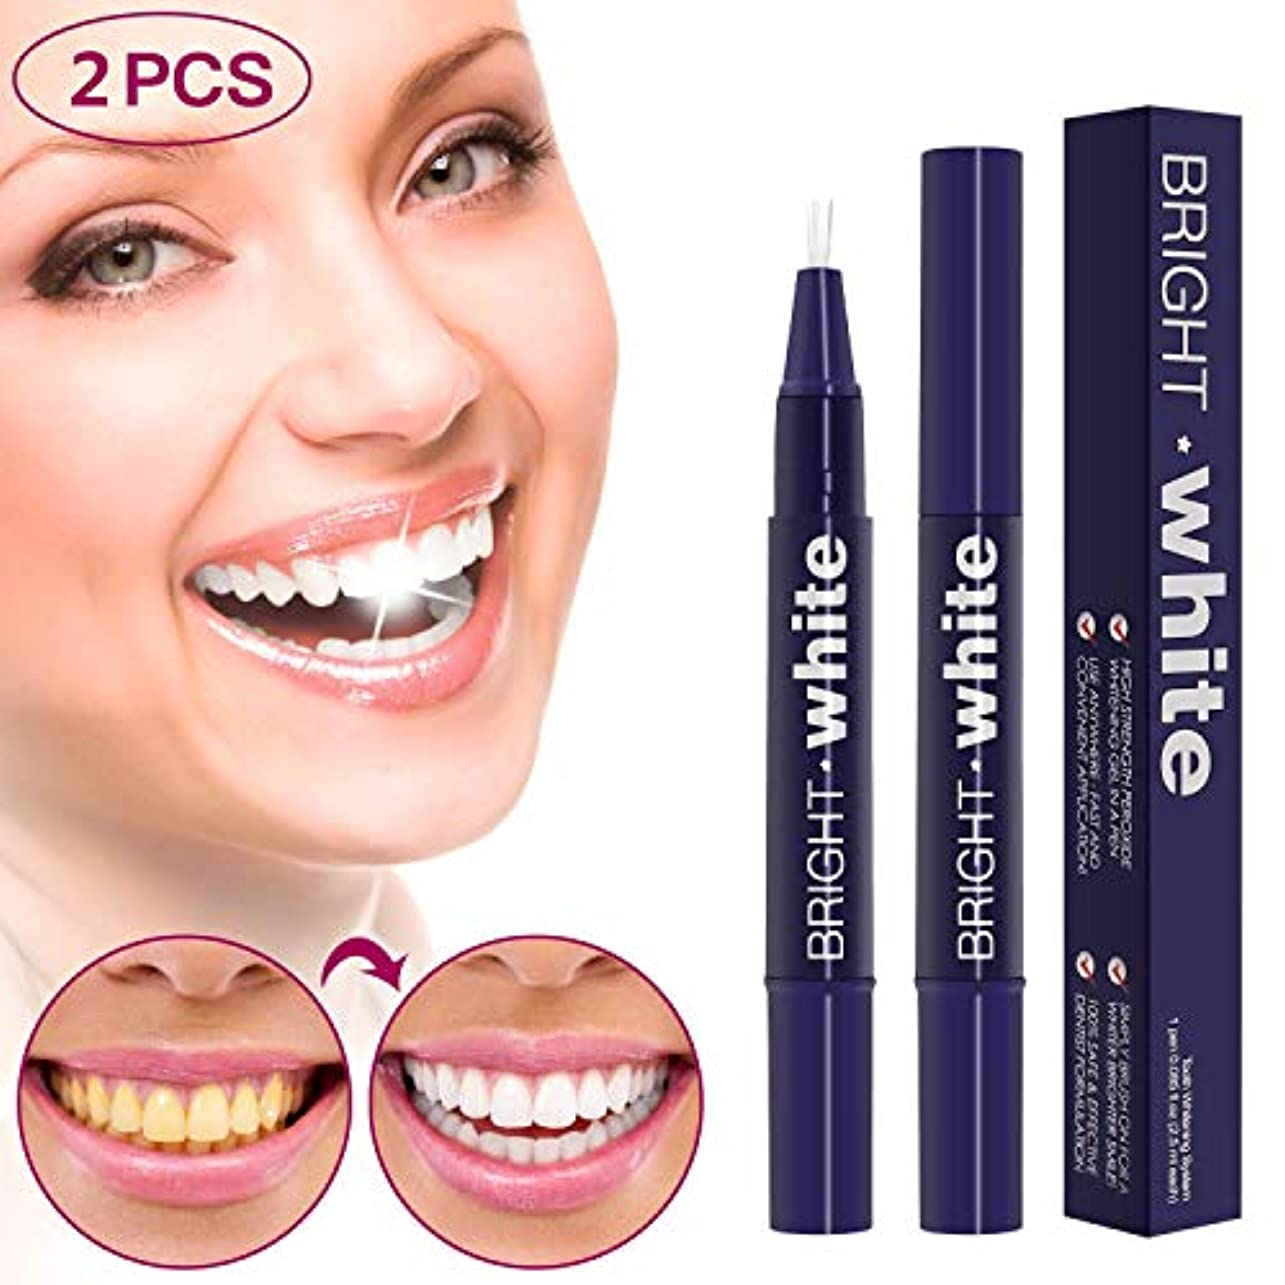 心理的より豚肉Odette 2019 歯のホワイトニング 美白歯ゲル 歯 ホワイトニングペン ホワイトニングペン 歯ブラシ 輝く笑顔 口臭防止 歯周病防止 2本 (2pcs)